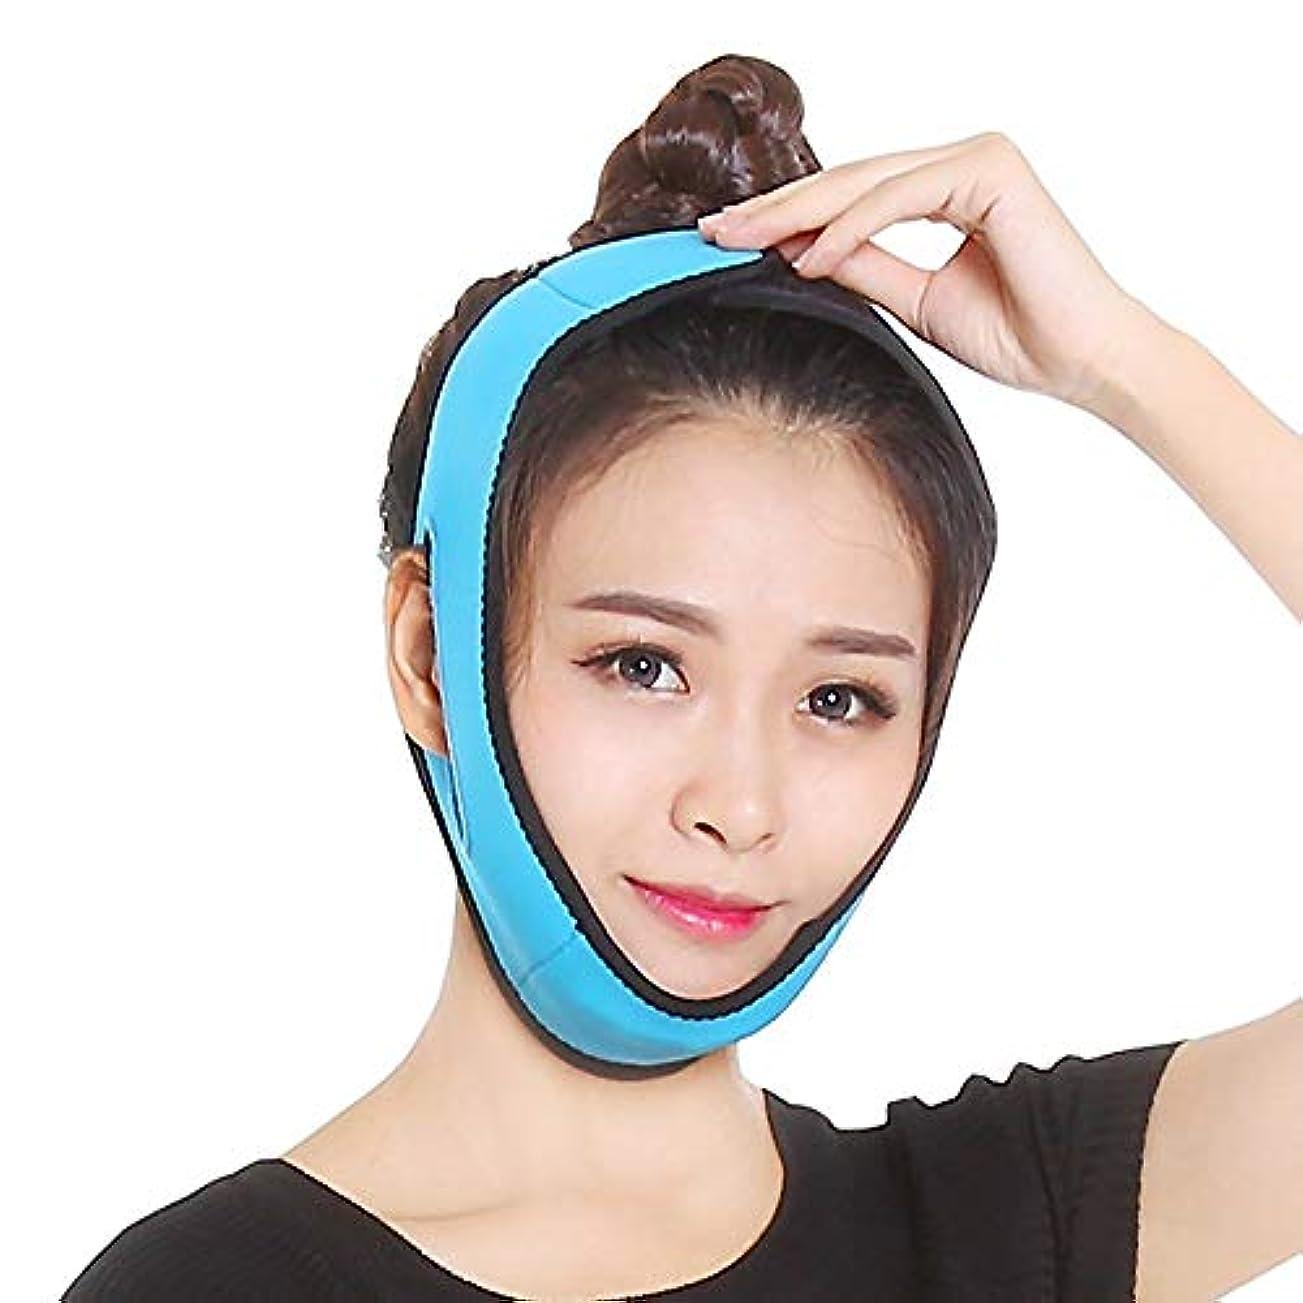 トマトケーブル反応するGYZ フェイシャルリフティングスリミングベルト - 薄いフェイス包帯二重あごデバイス無料フェイシャルマッサージ整形マスクを引き締める顔と首の顔スリム Thin Face Belt